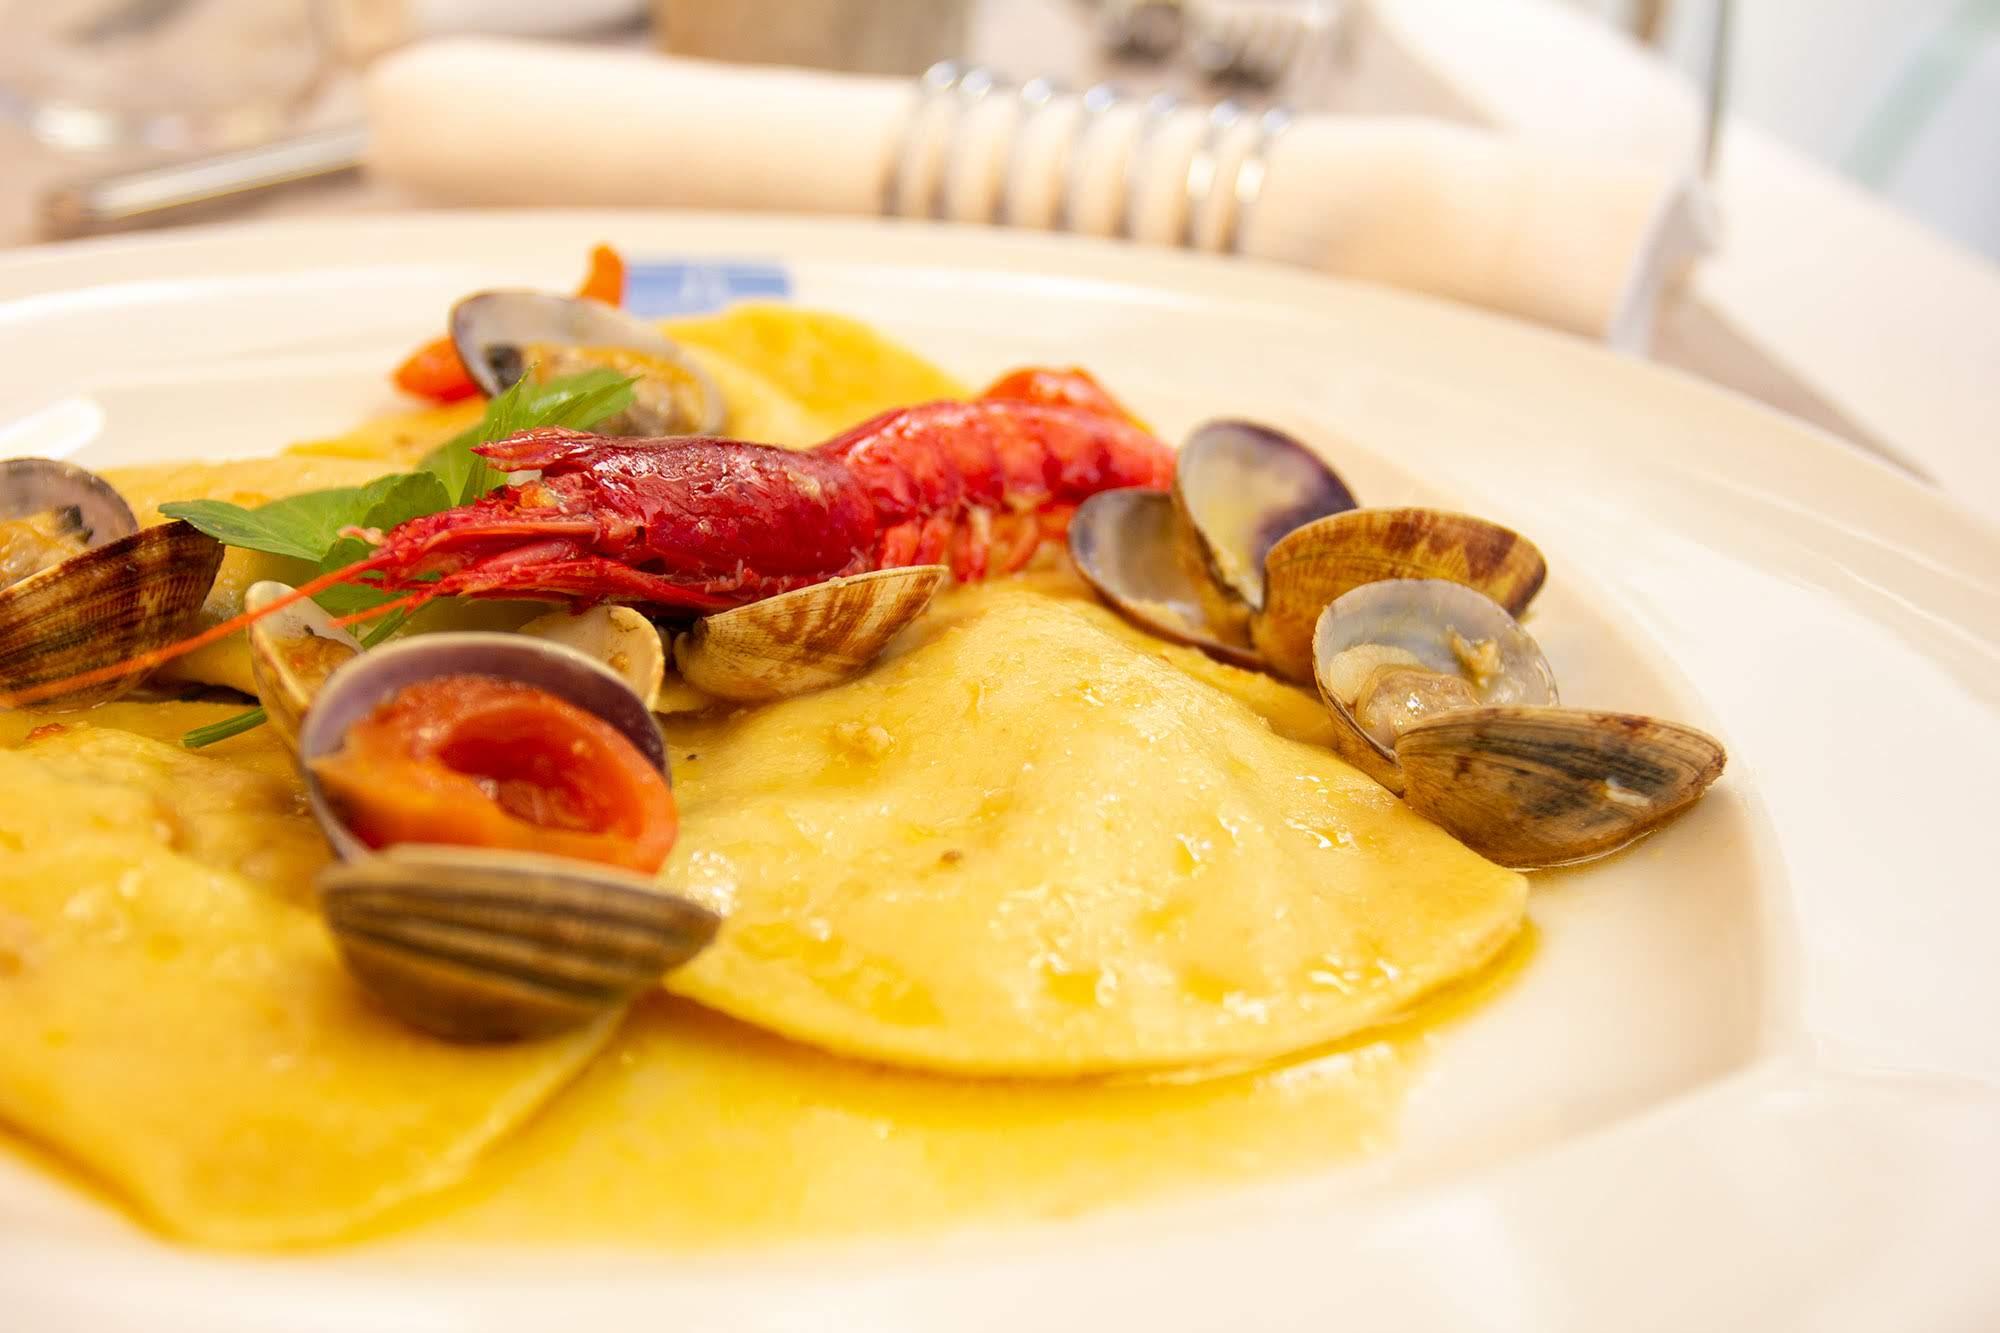 ravioli - ristorante san vito lo capo - Hotel Trinacria